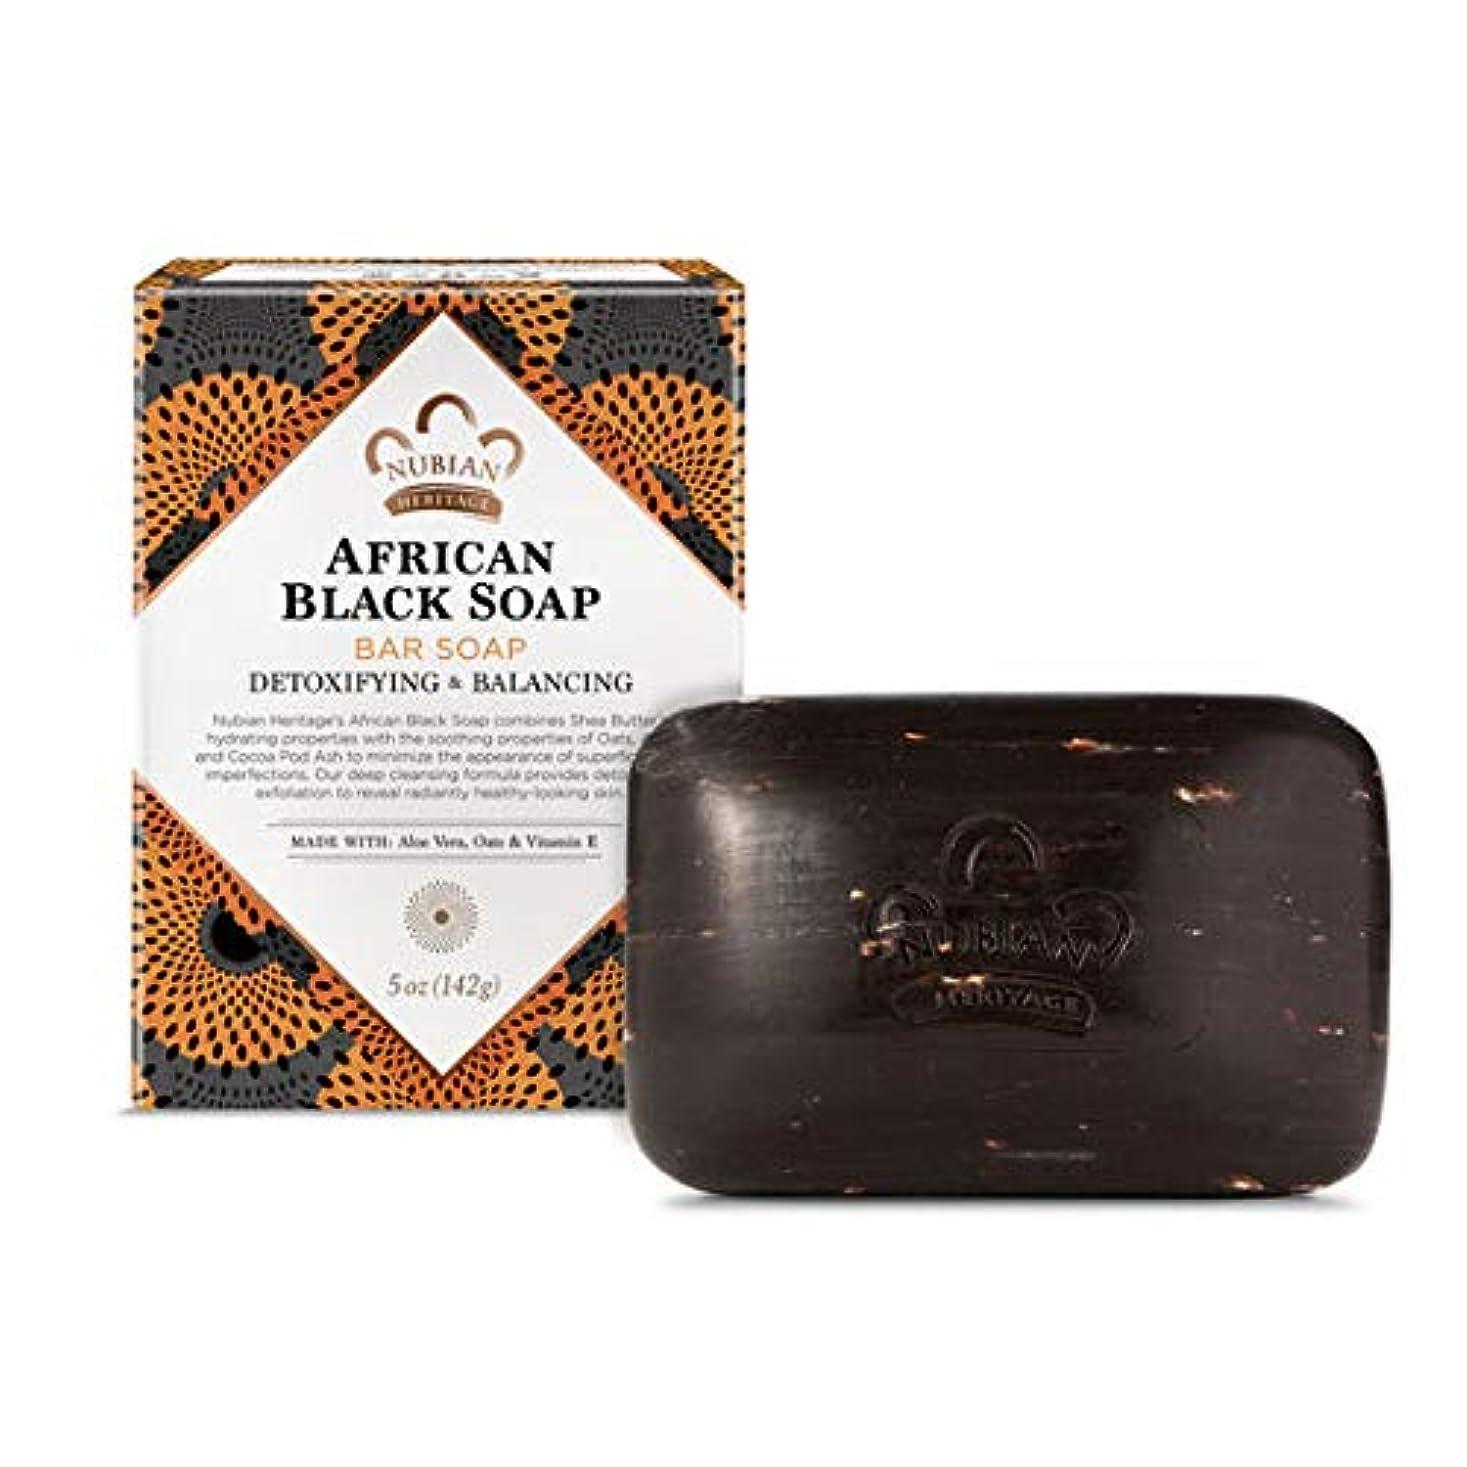 カードプロポーショナル容量ヌビアン ヘリテージ アフリカン ブラック ソープ 141g 並行輸入品 [並行輸入品]